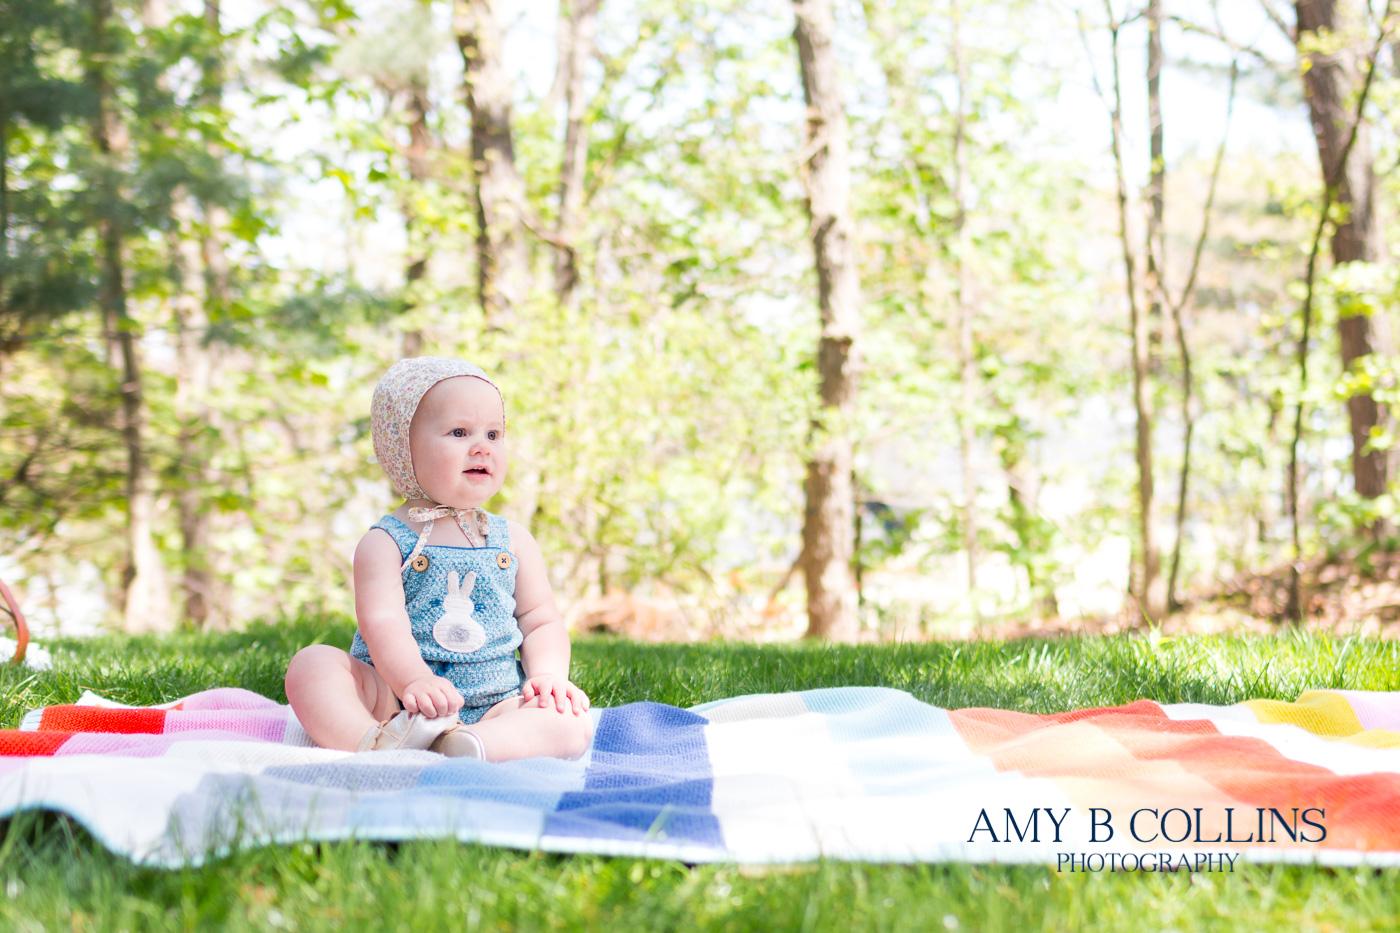 Amy_B_Collins_Photography_Needham Baby Photographer - 04.jpg